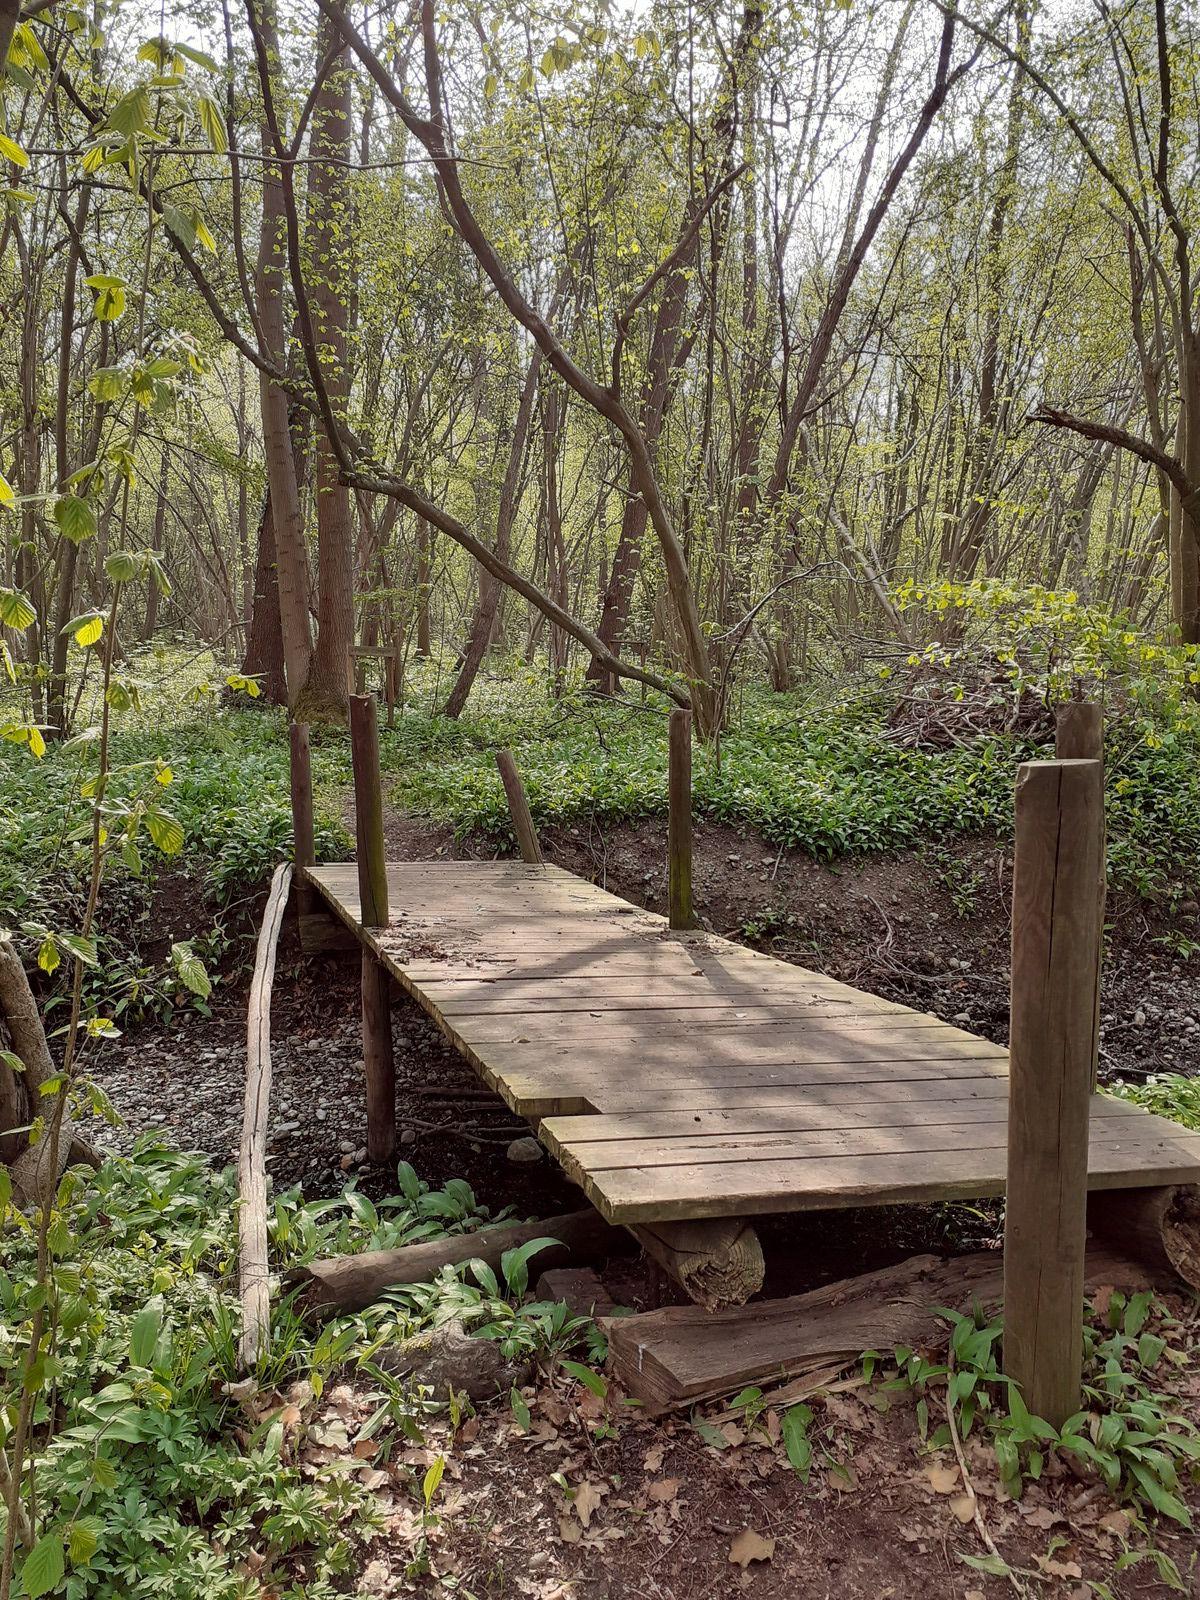 C'était le mercredi 21 avril - randonnée découverte dans la forêt de l'Orch